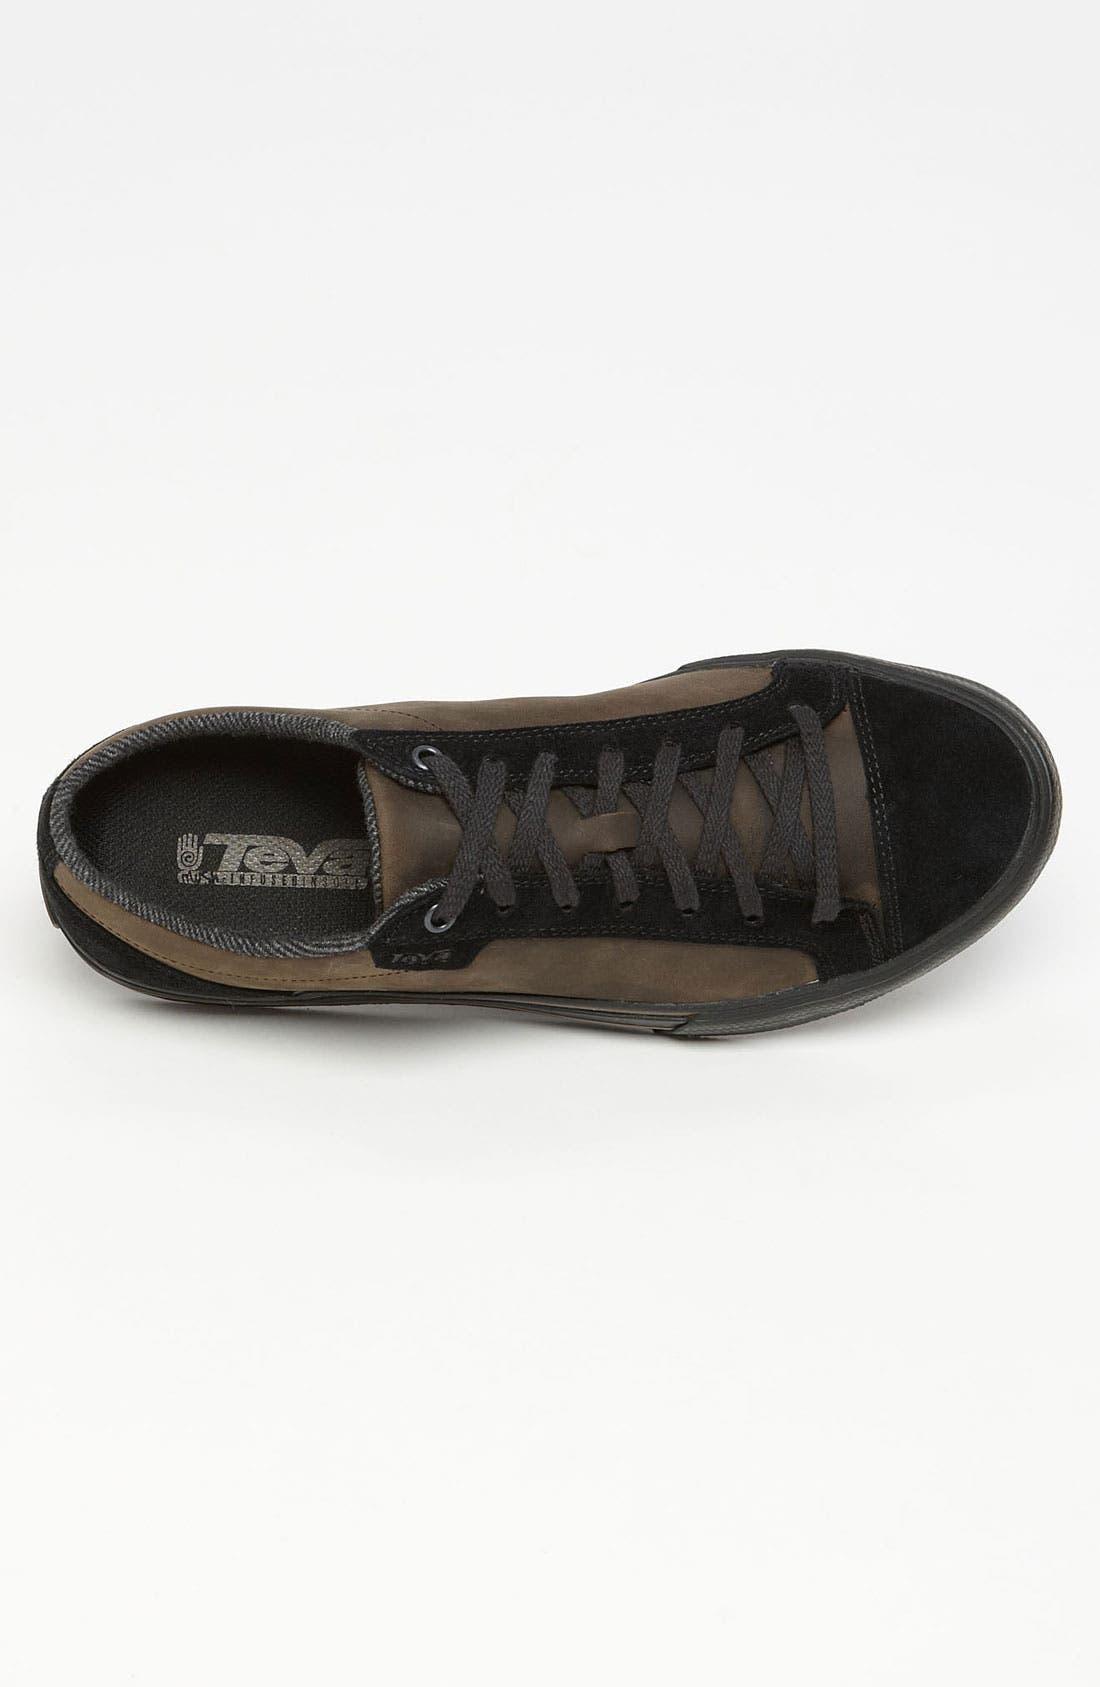 Alternate Image 3  - Teva 'Roller' Sneaker (Online Only)